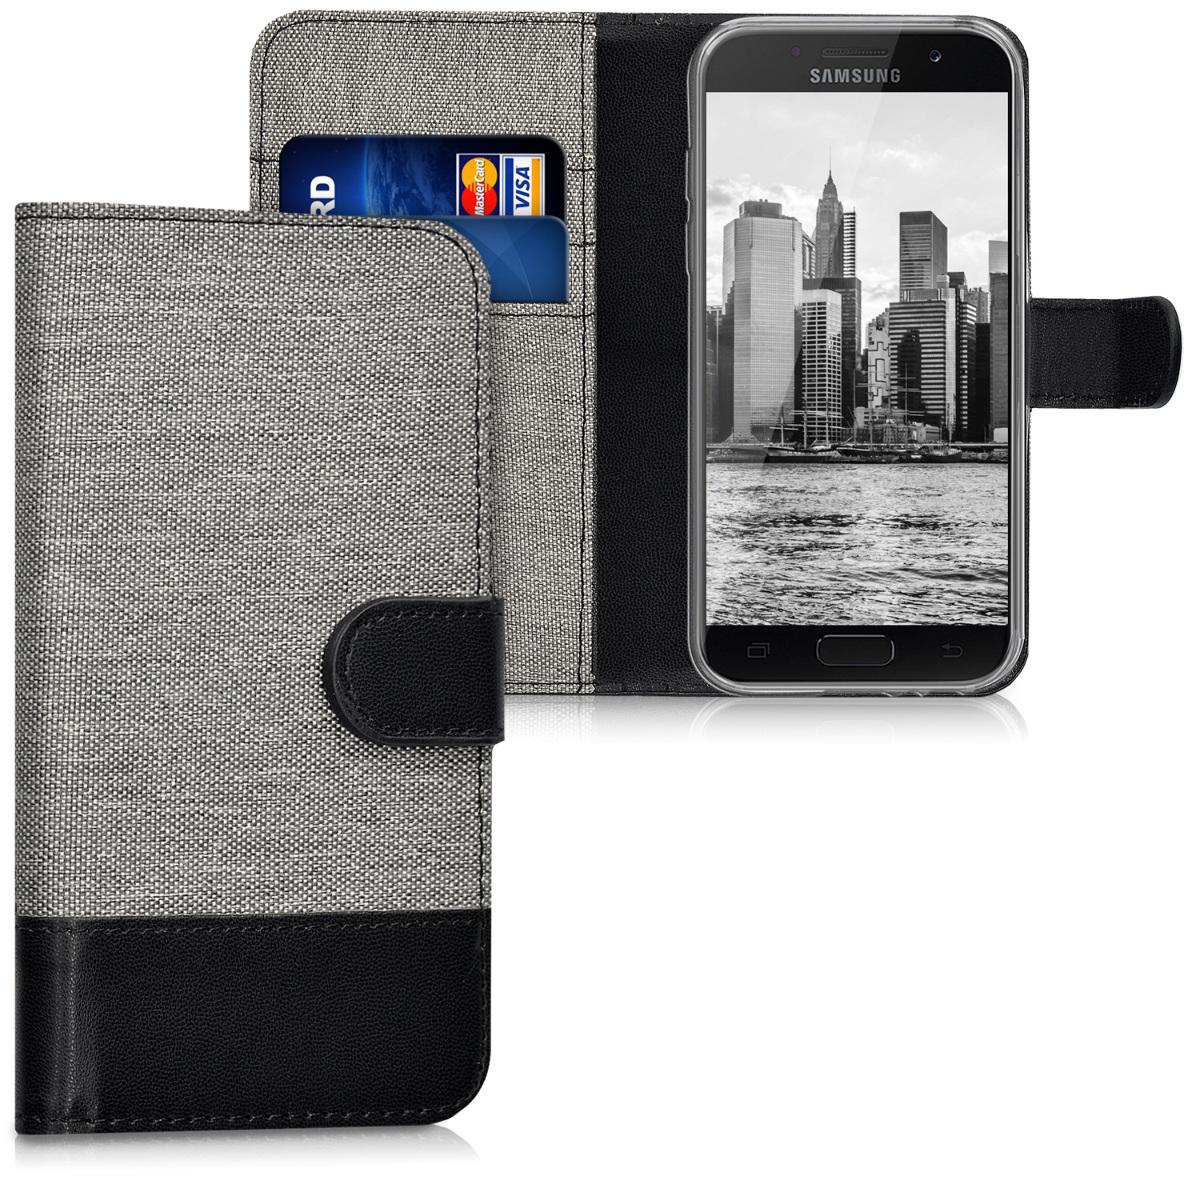 KW Θήκη Πορτοφόλι Samsung Galaxy A3 (2017) - Grey / Black (40693.22)